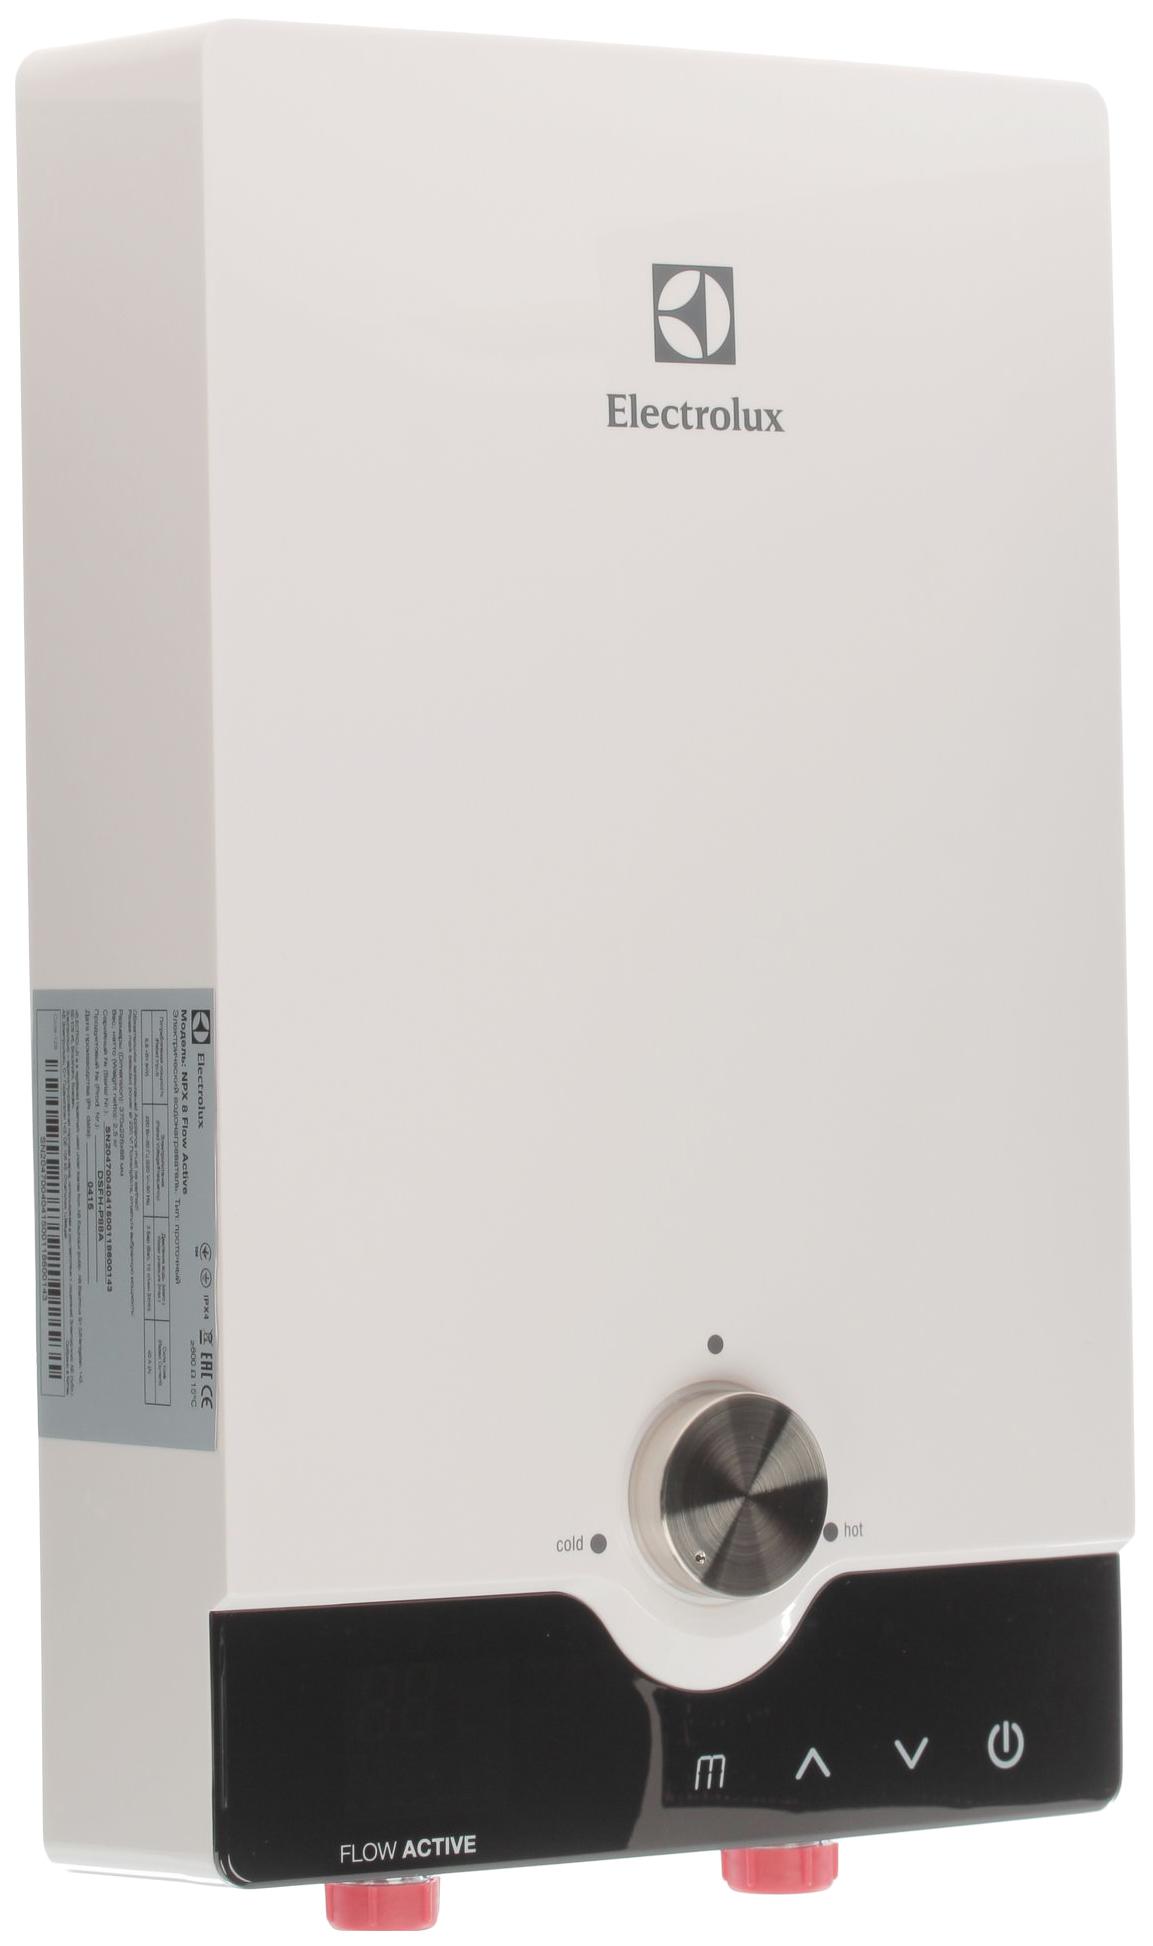 Водонагреватель проточный Electrolux NPX 8 Flow active white/black